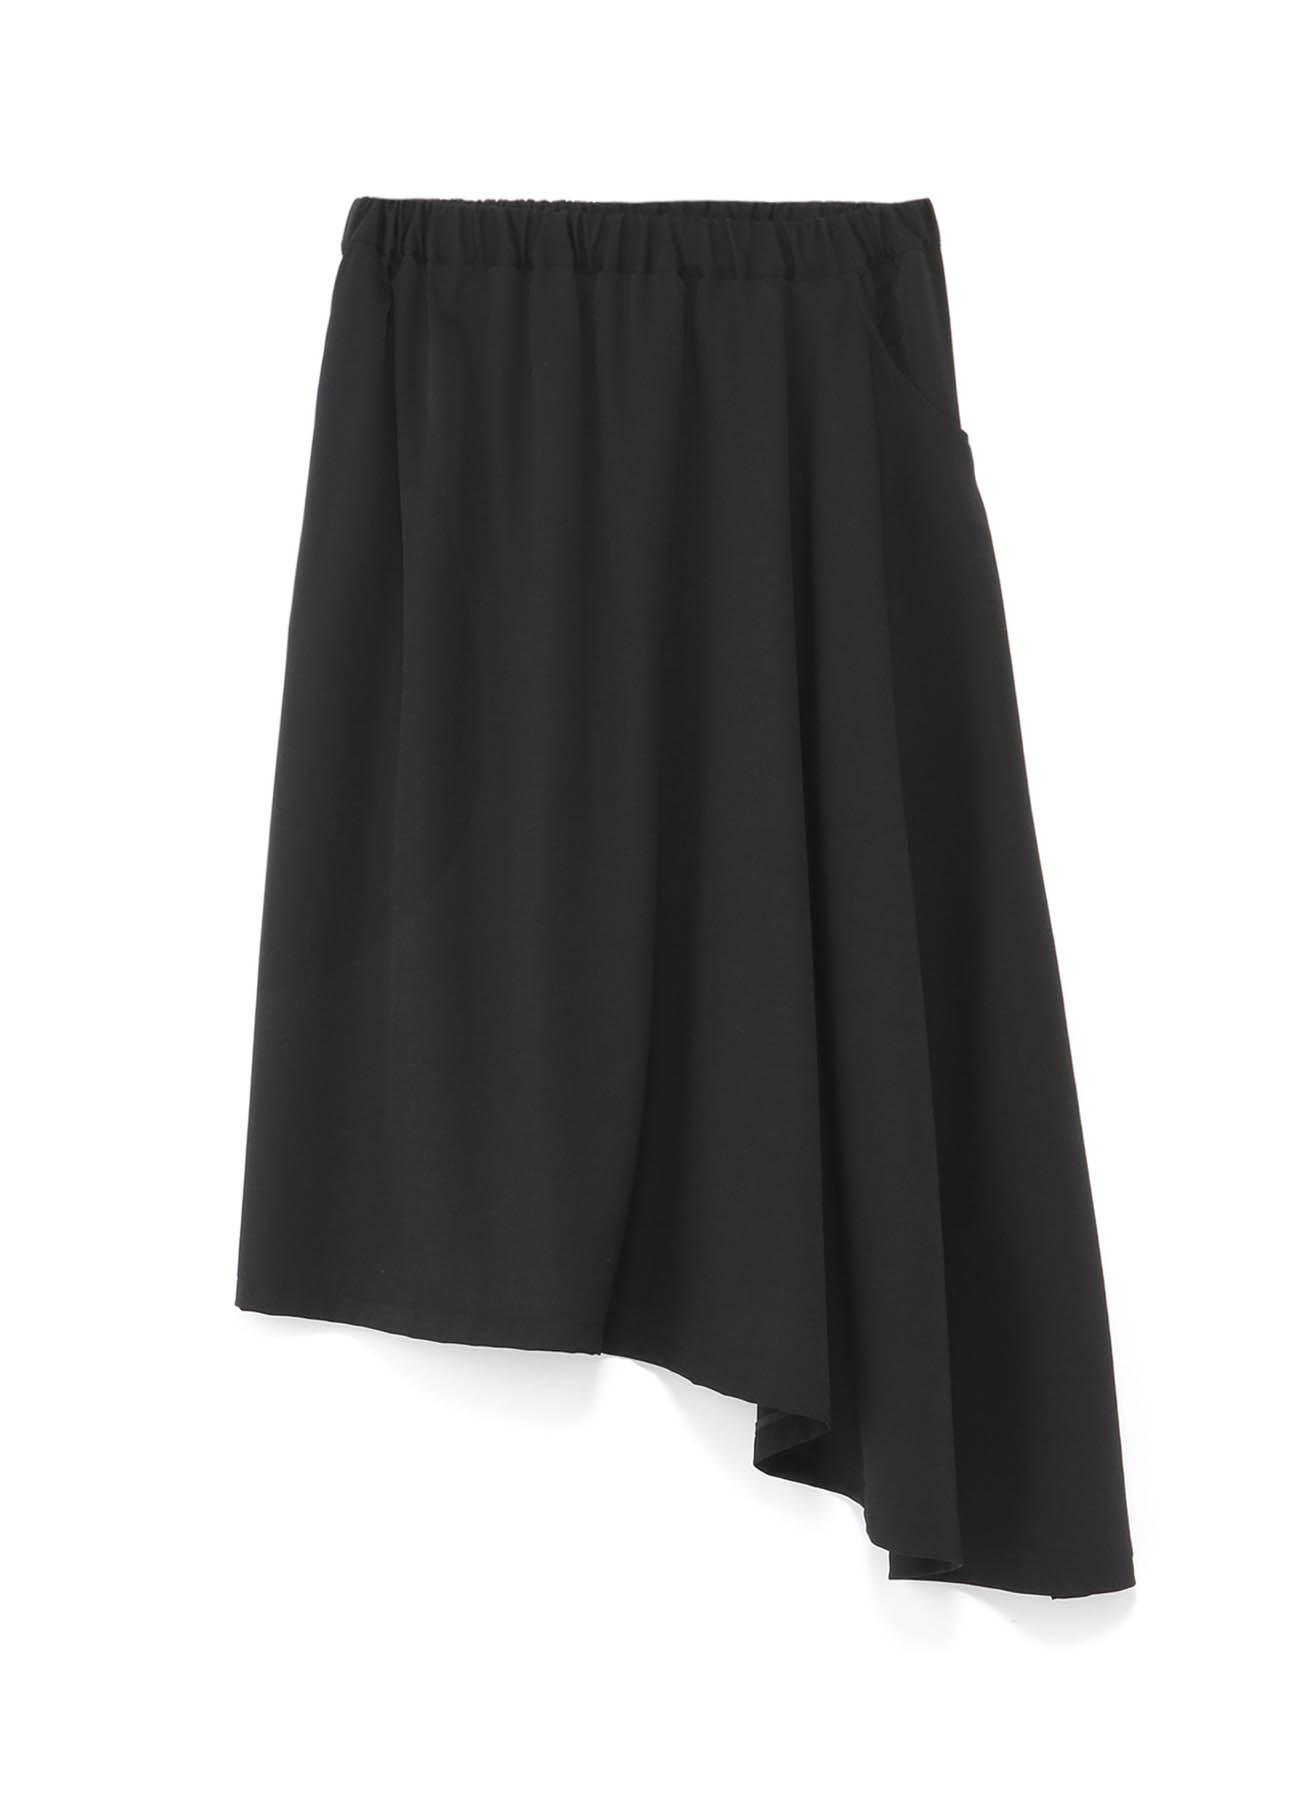 シワギャバ 左ドロップベルトスカート